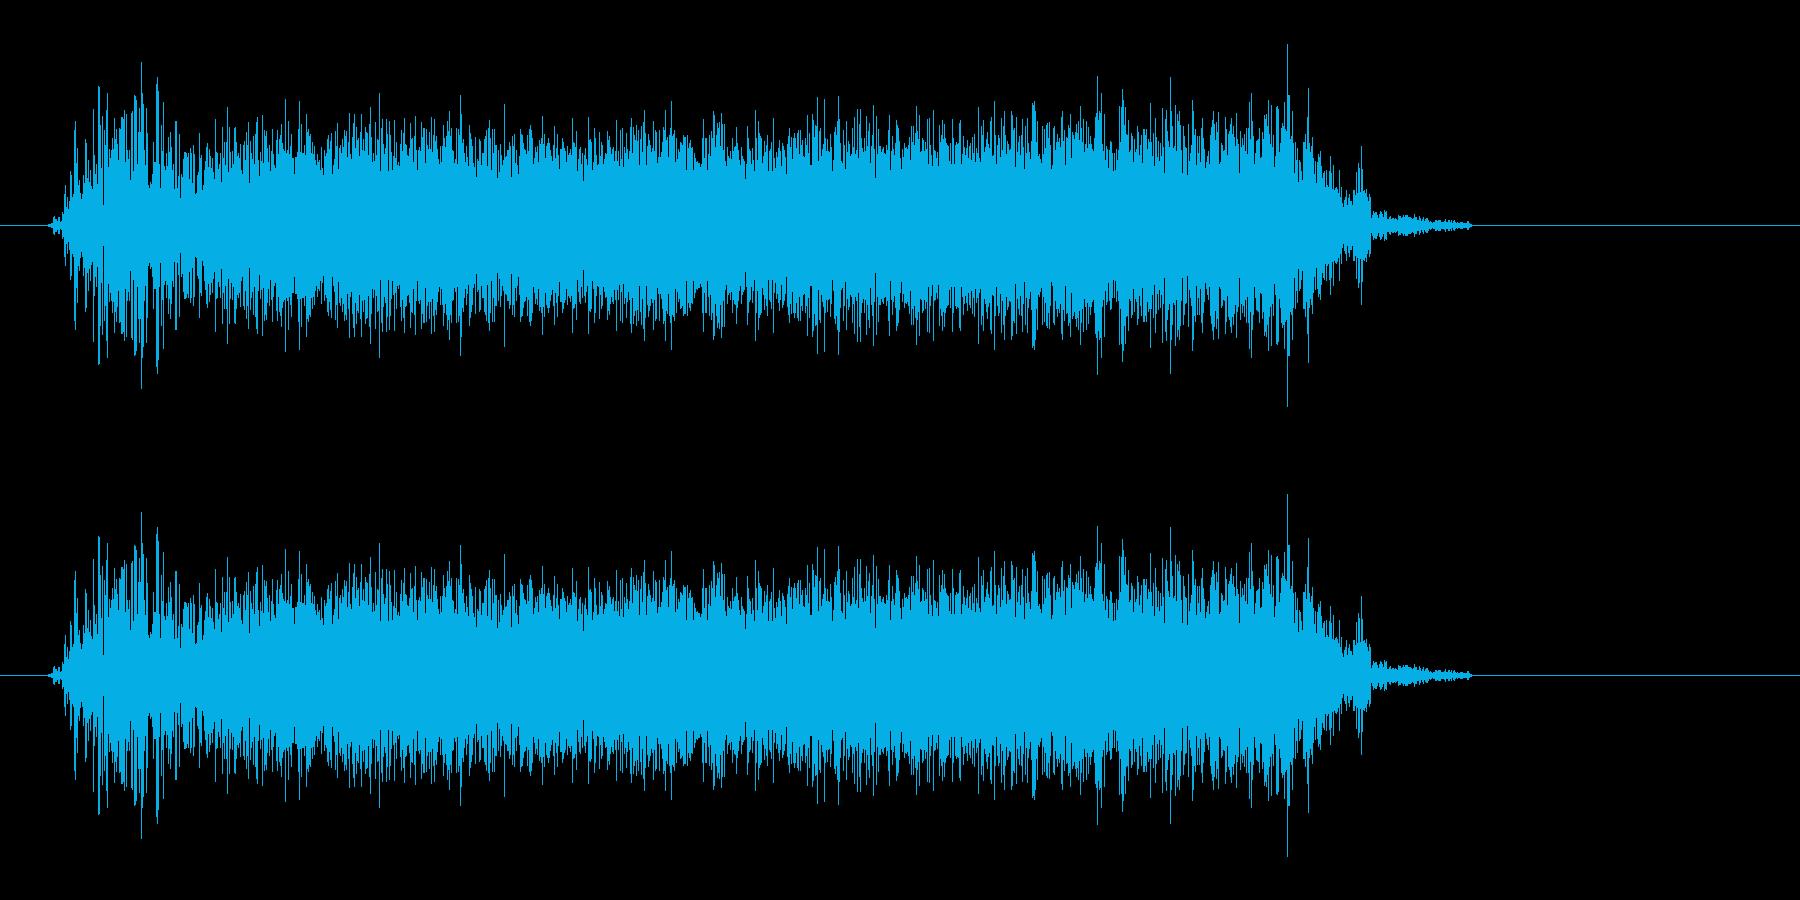 エレベータースペースターボエレベー...の再生済みの波形